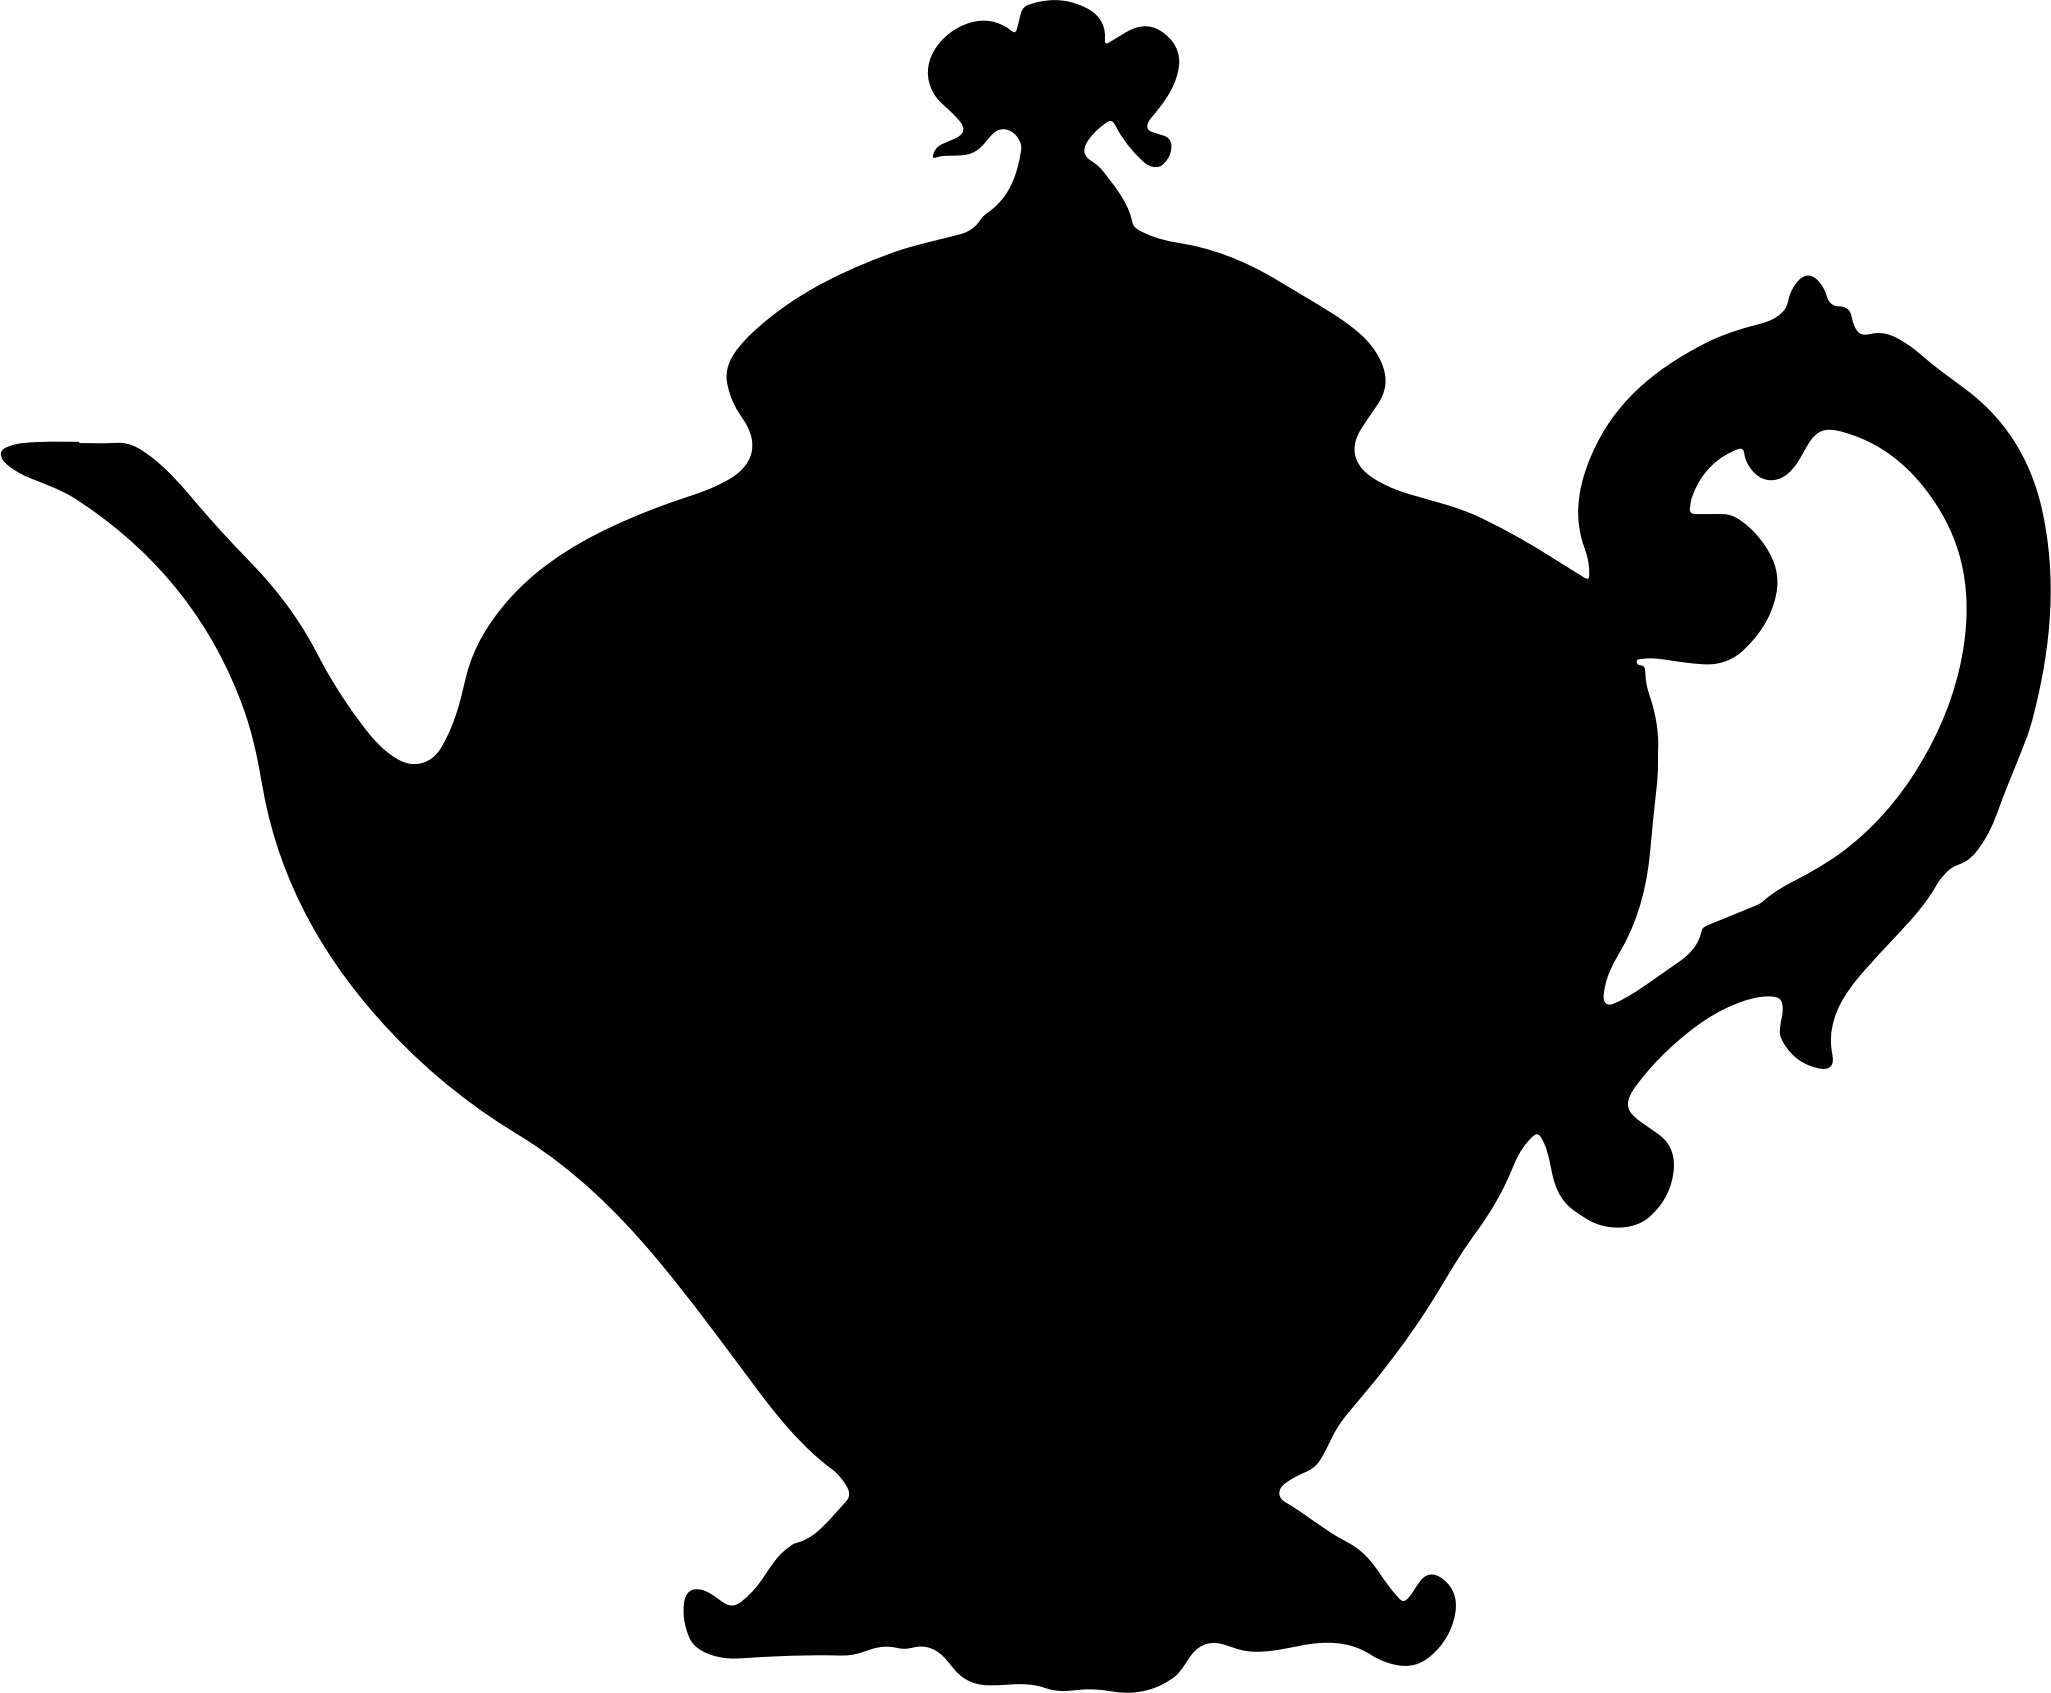 Clipart vintage teapot silhouette image #35770